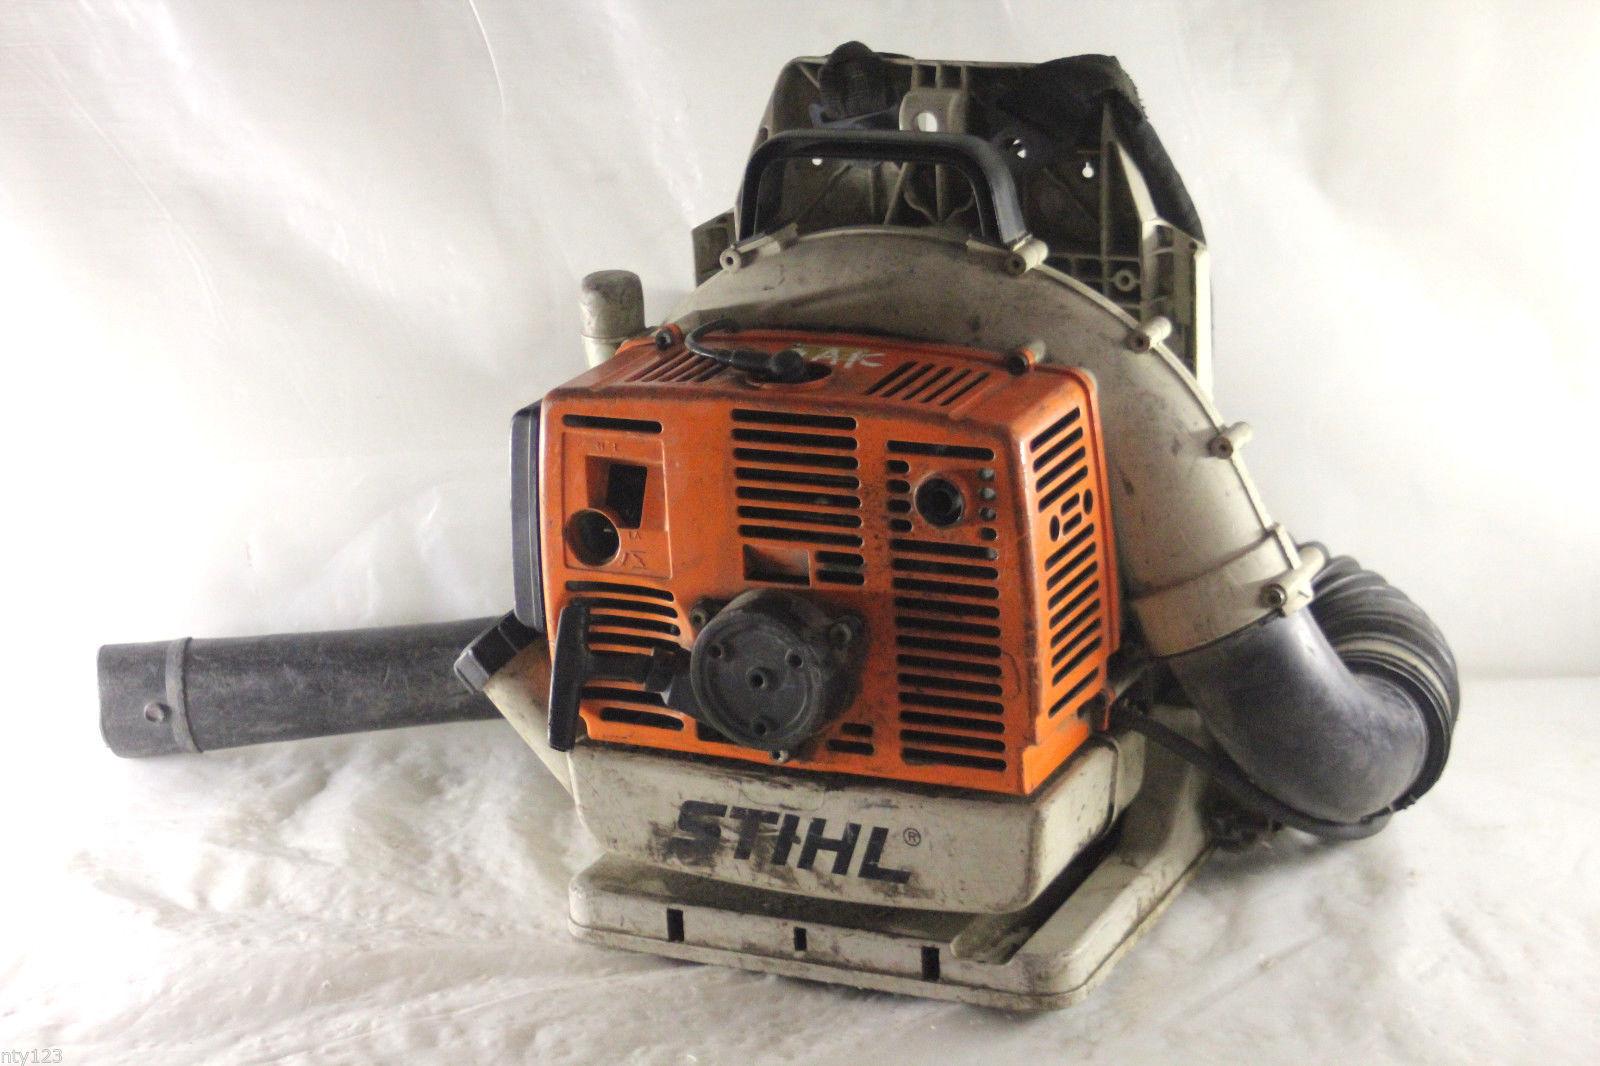 STIHL BR 400 - BACKPACK LEAF BLOWER